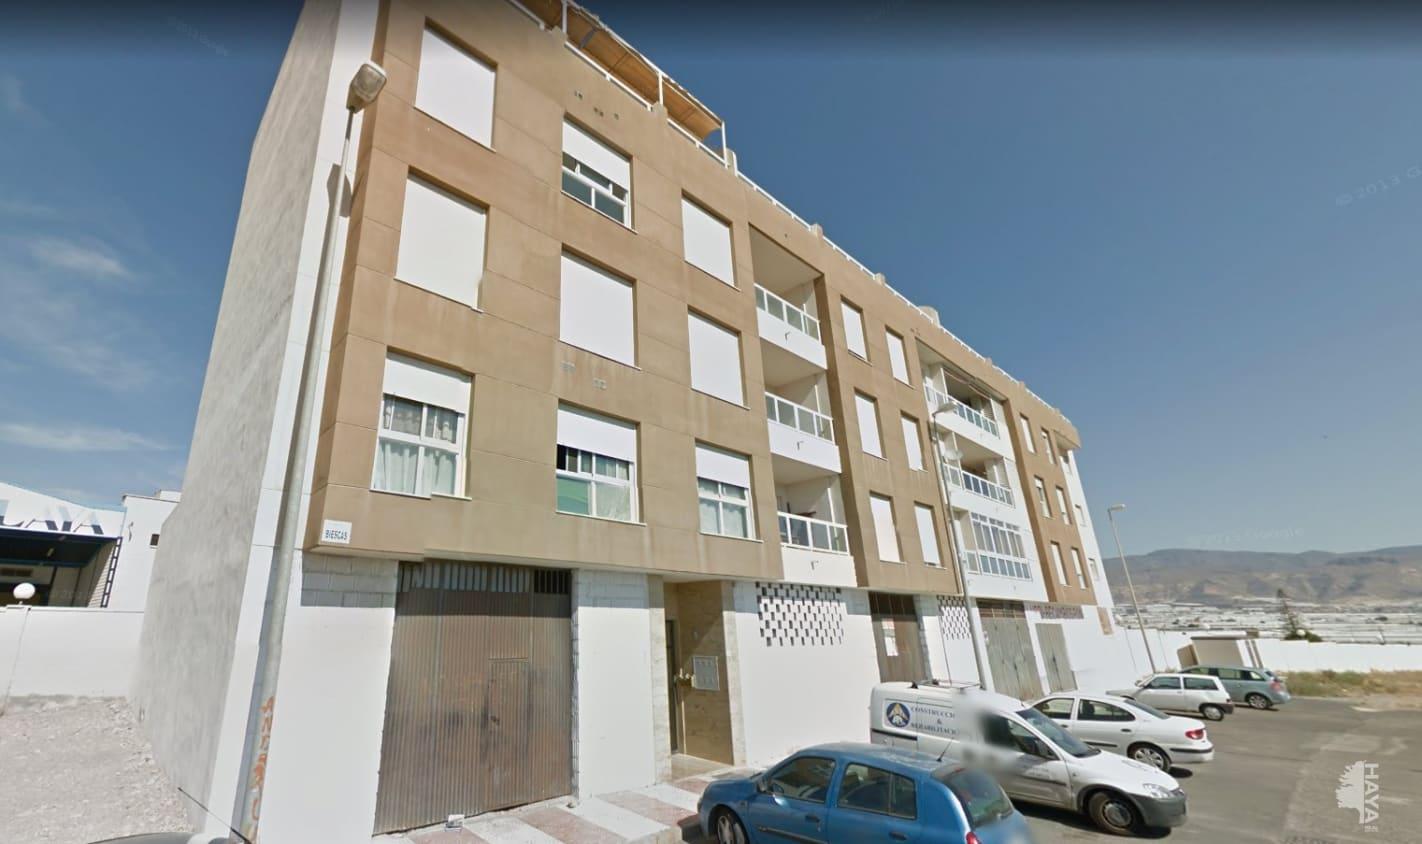 Piso en venta en Los Depósitos, Roquetas de Mar, Almería, Calle Biescas, 42.500 €, 2 habitaciones, 1 baño, 69 m2